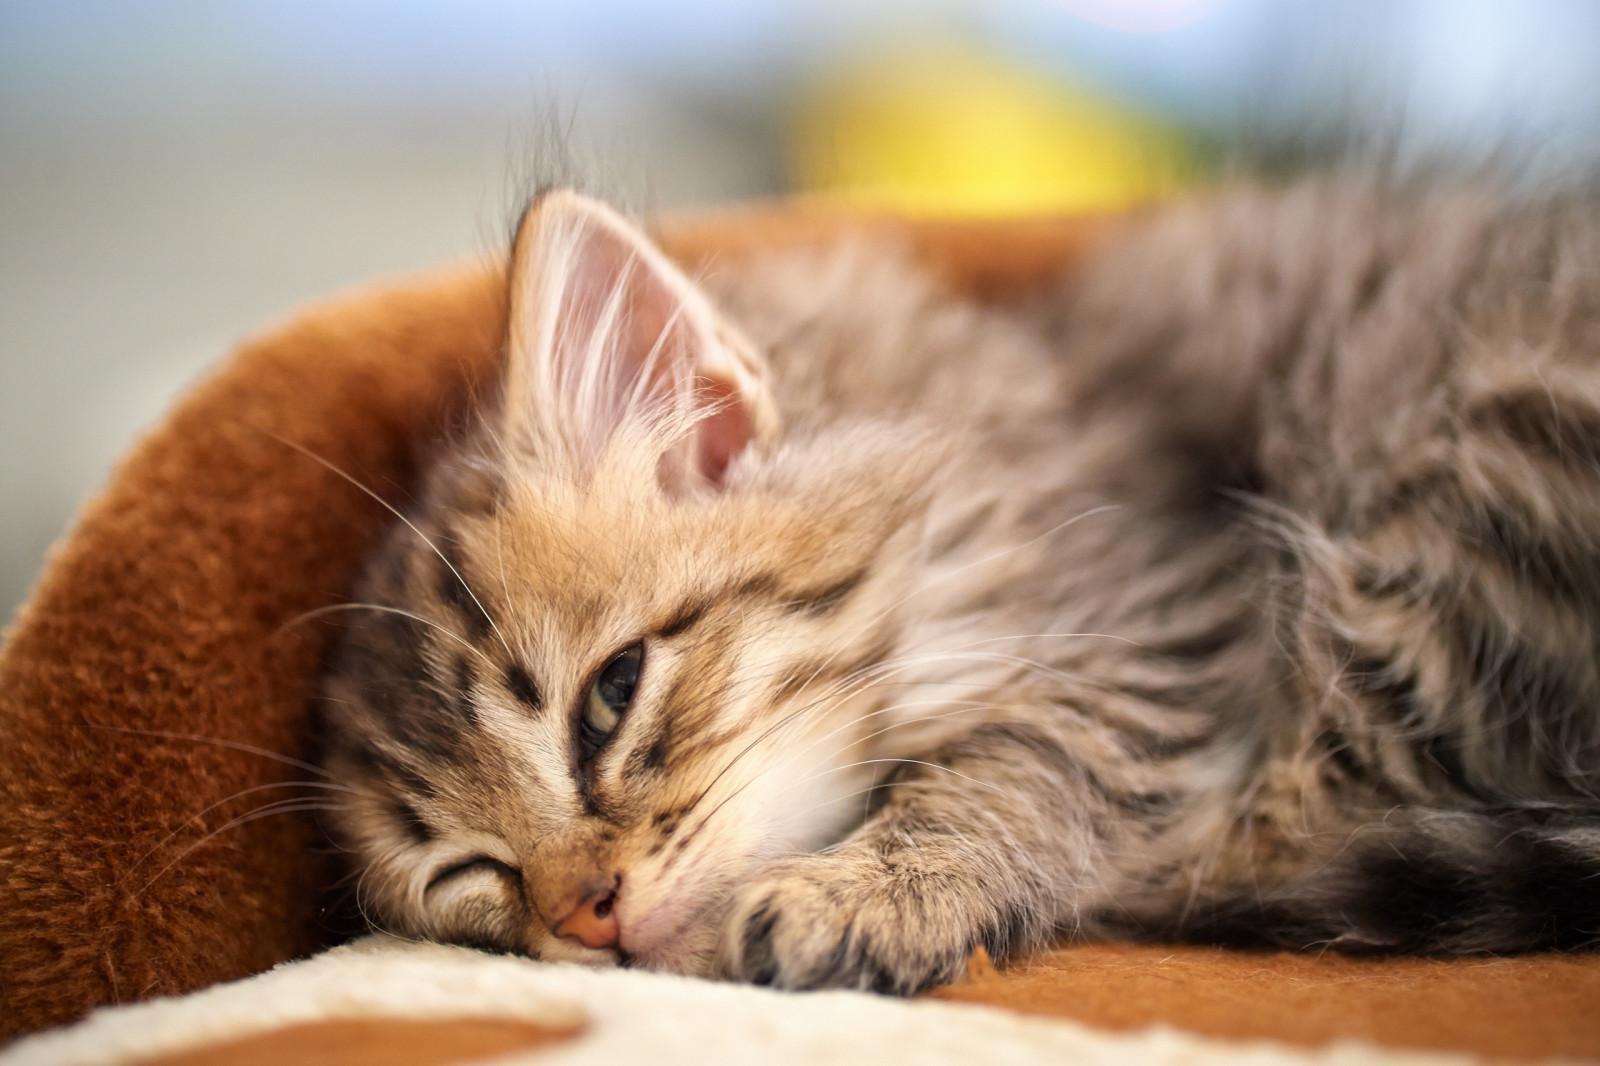 Став для наведение страха на окружающих Kitten_fluffy_down_face-594487